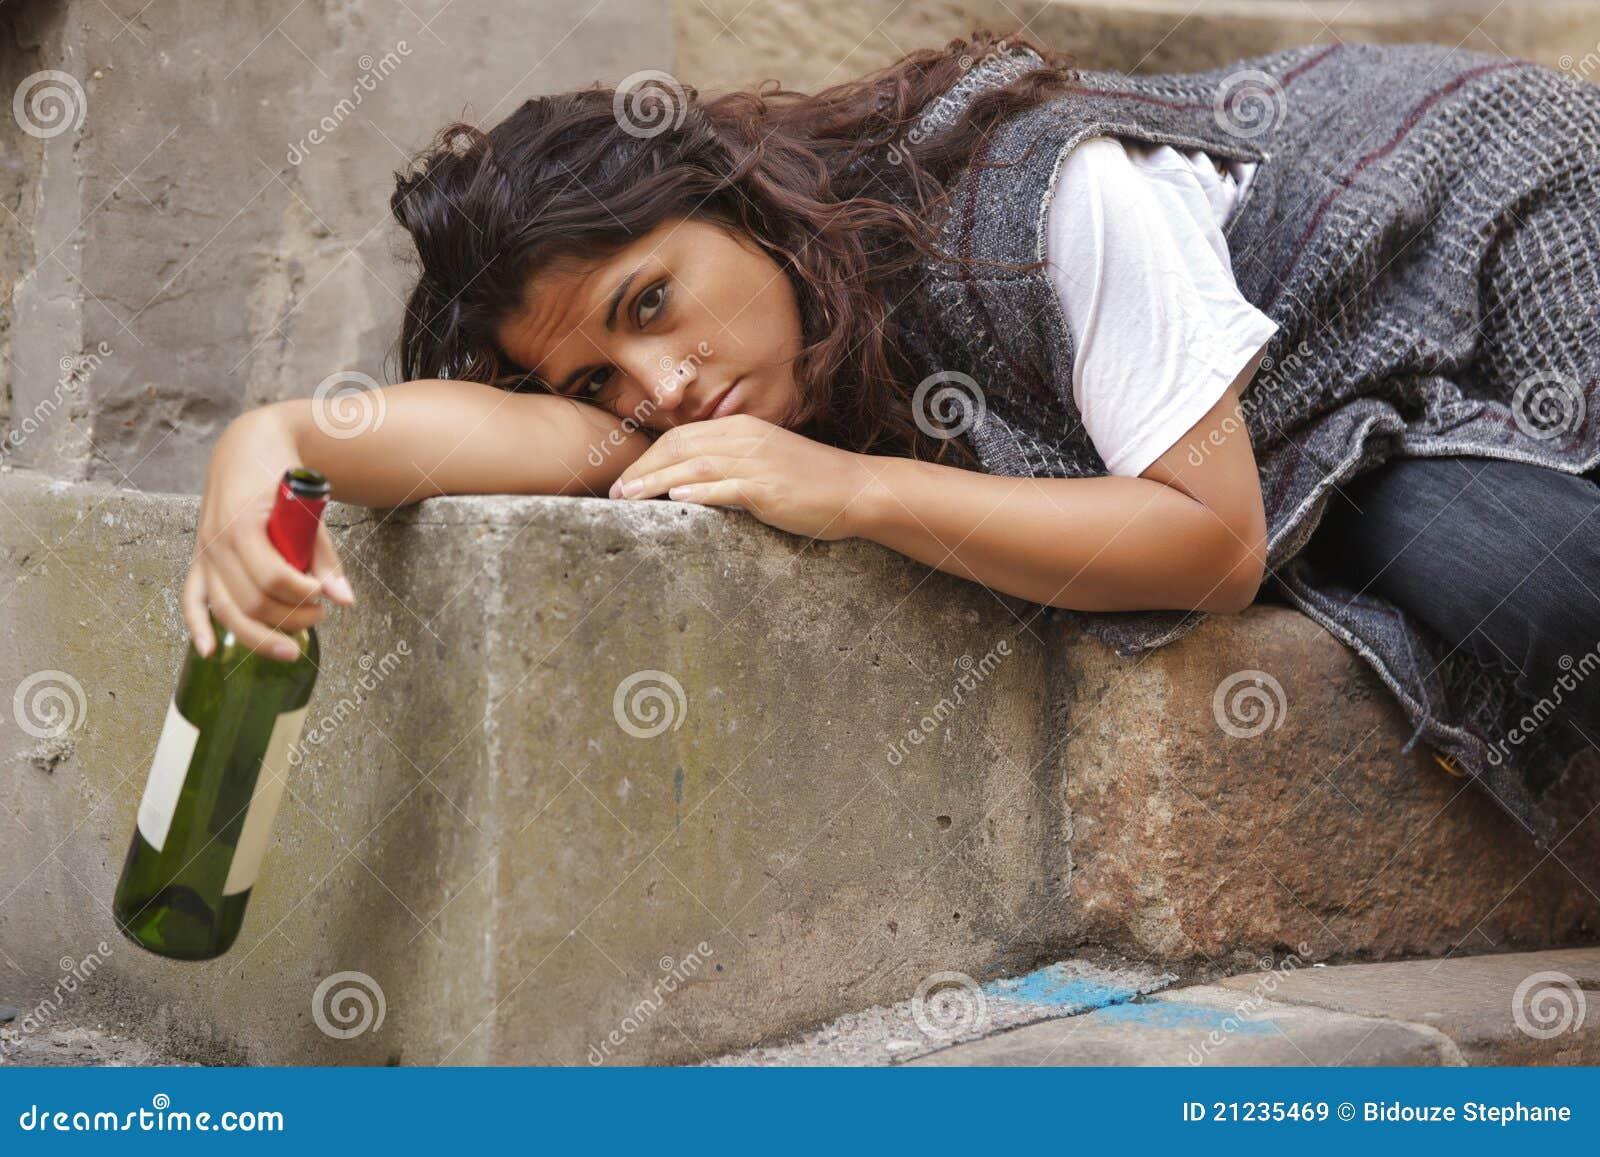 Пьяная женщина лежит 3 фотография